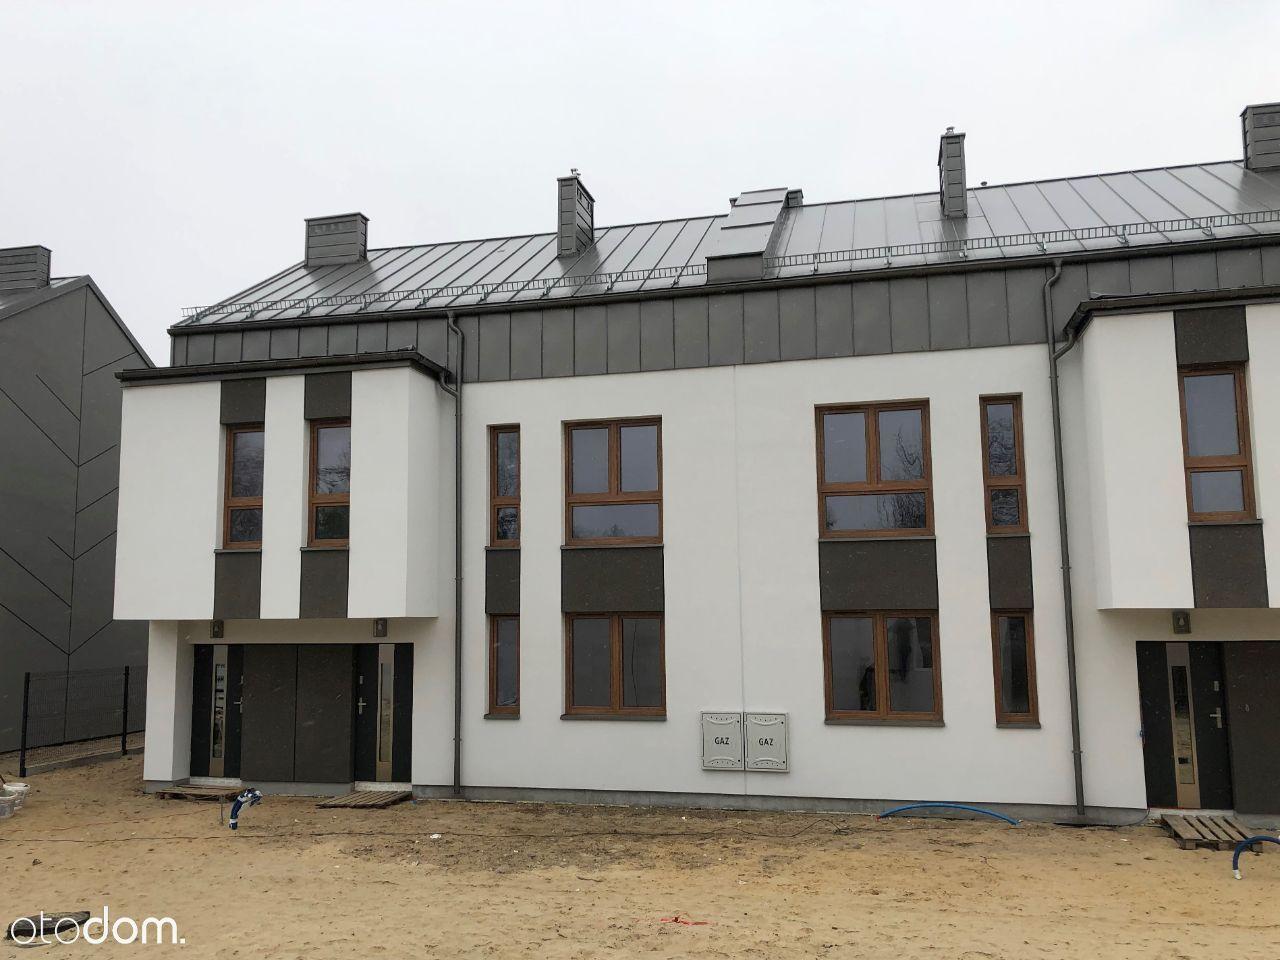 Mieszkanie dwupoziomowe w Legionowie, 111.07 m2